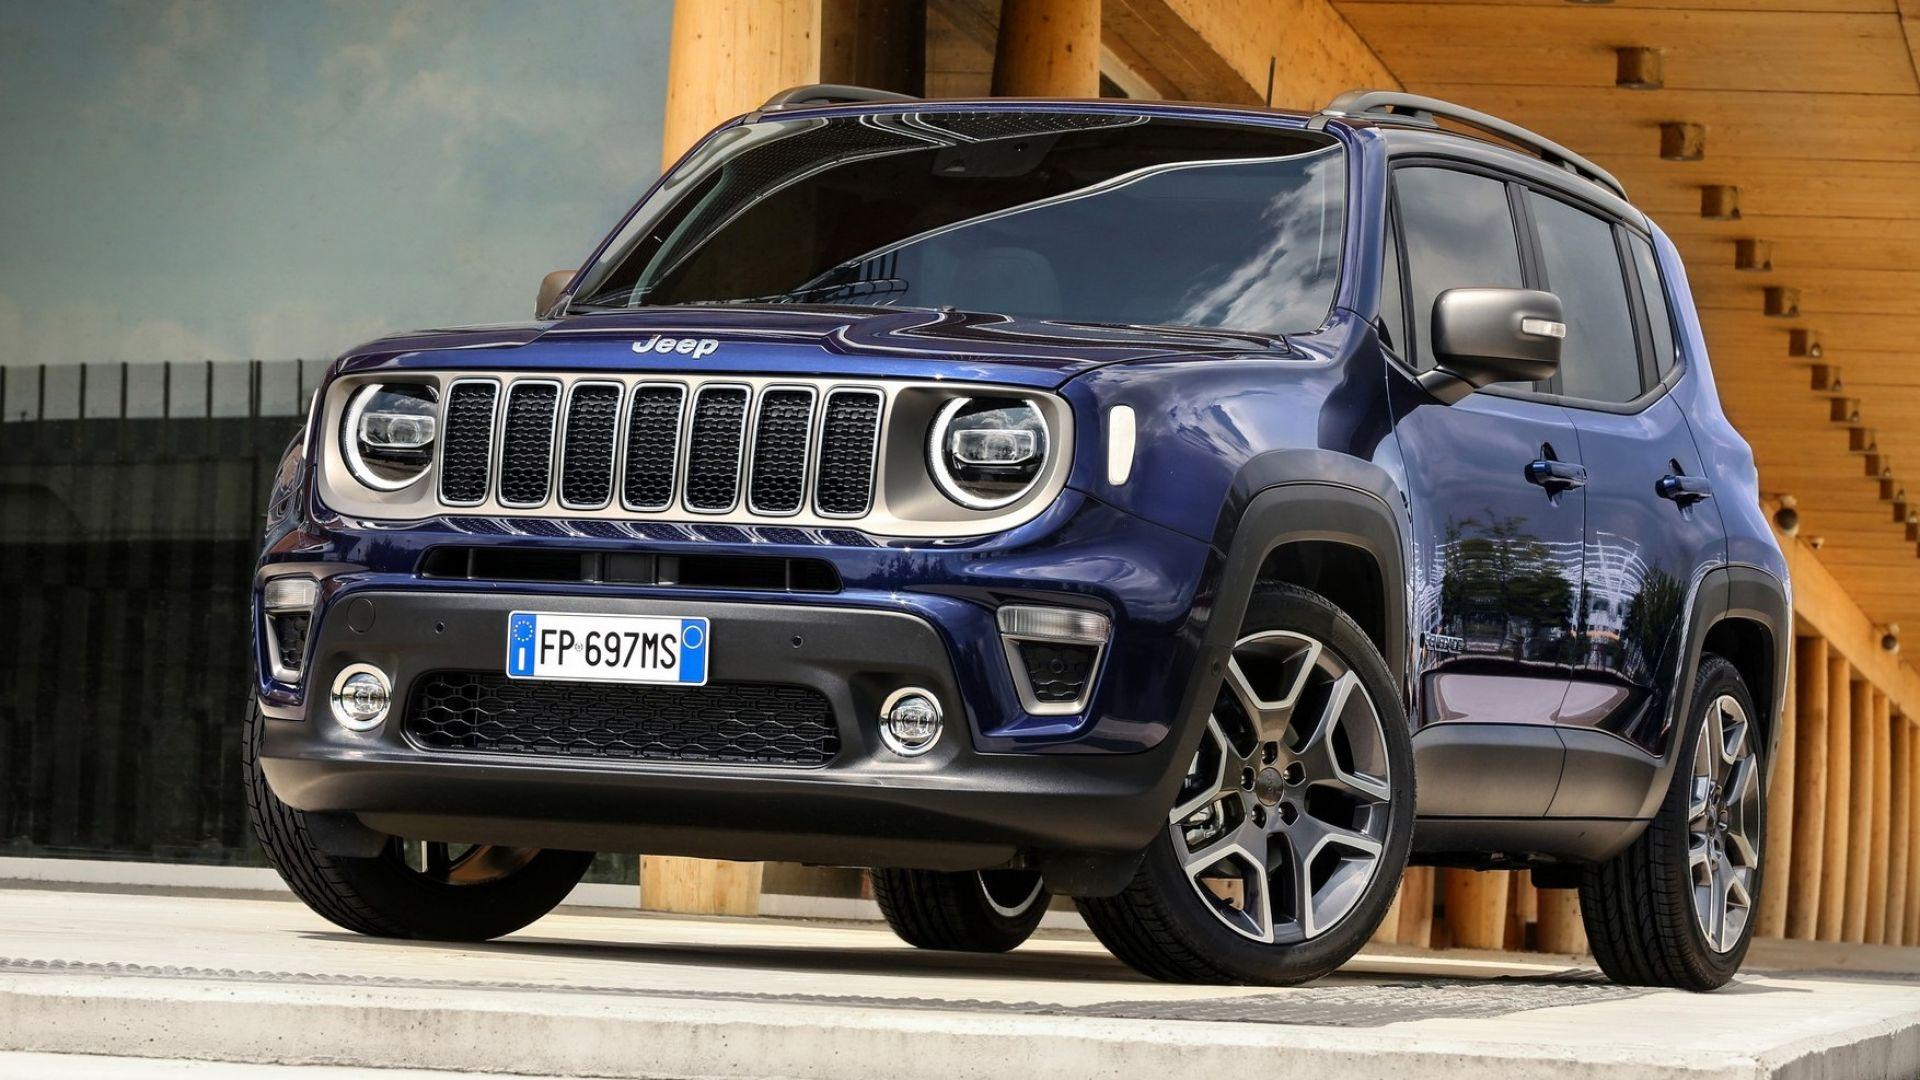 Nuova Jeep Renegade ibrida plug-in, in produzione a Melfi ...